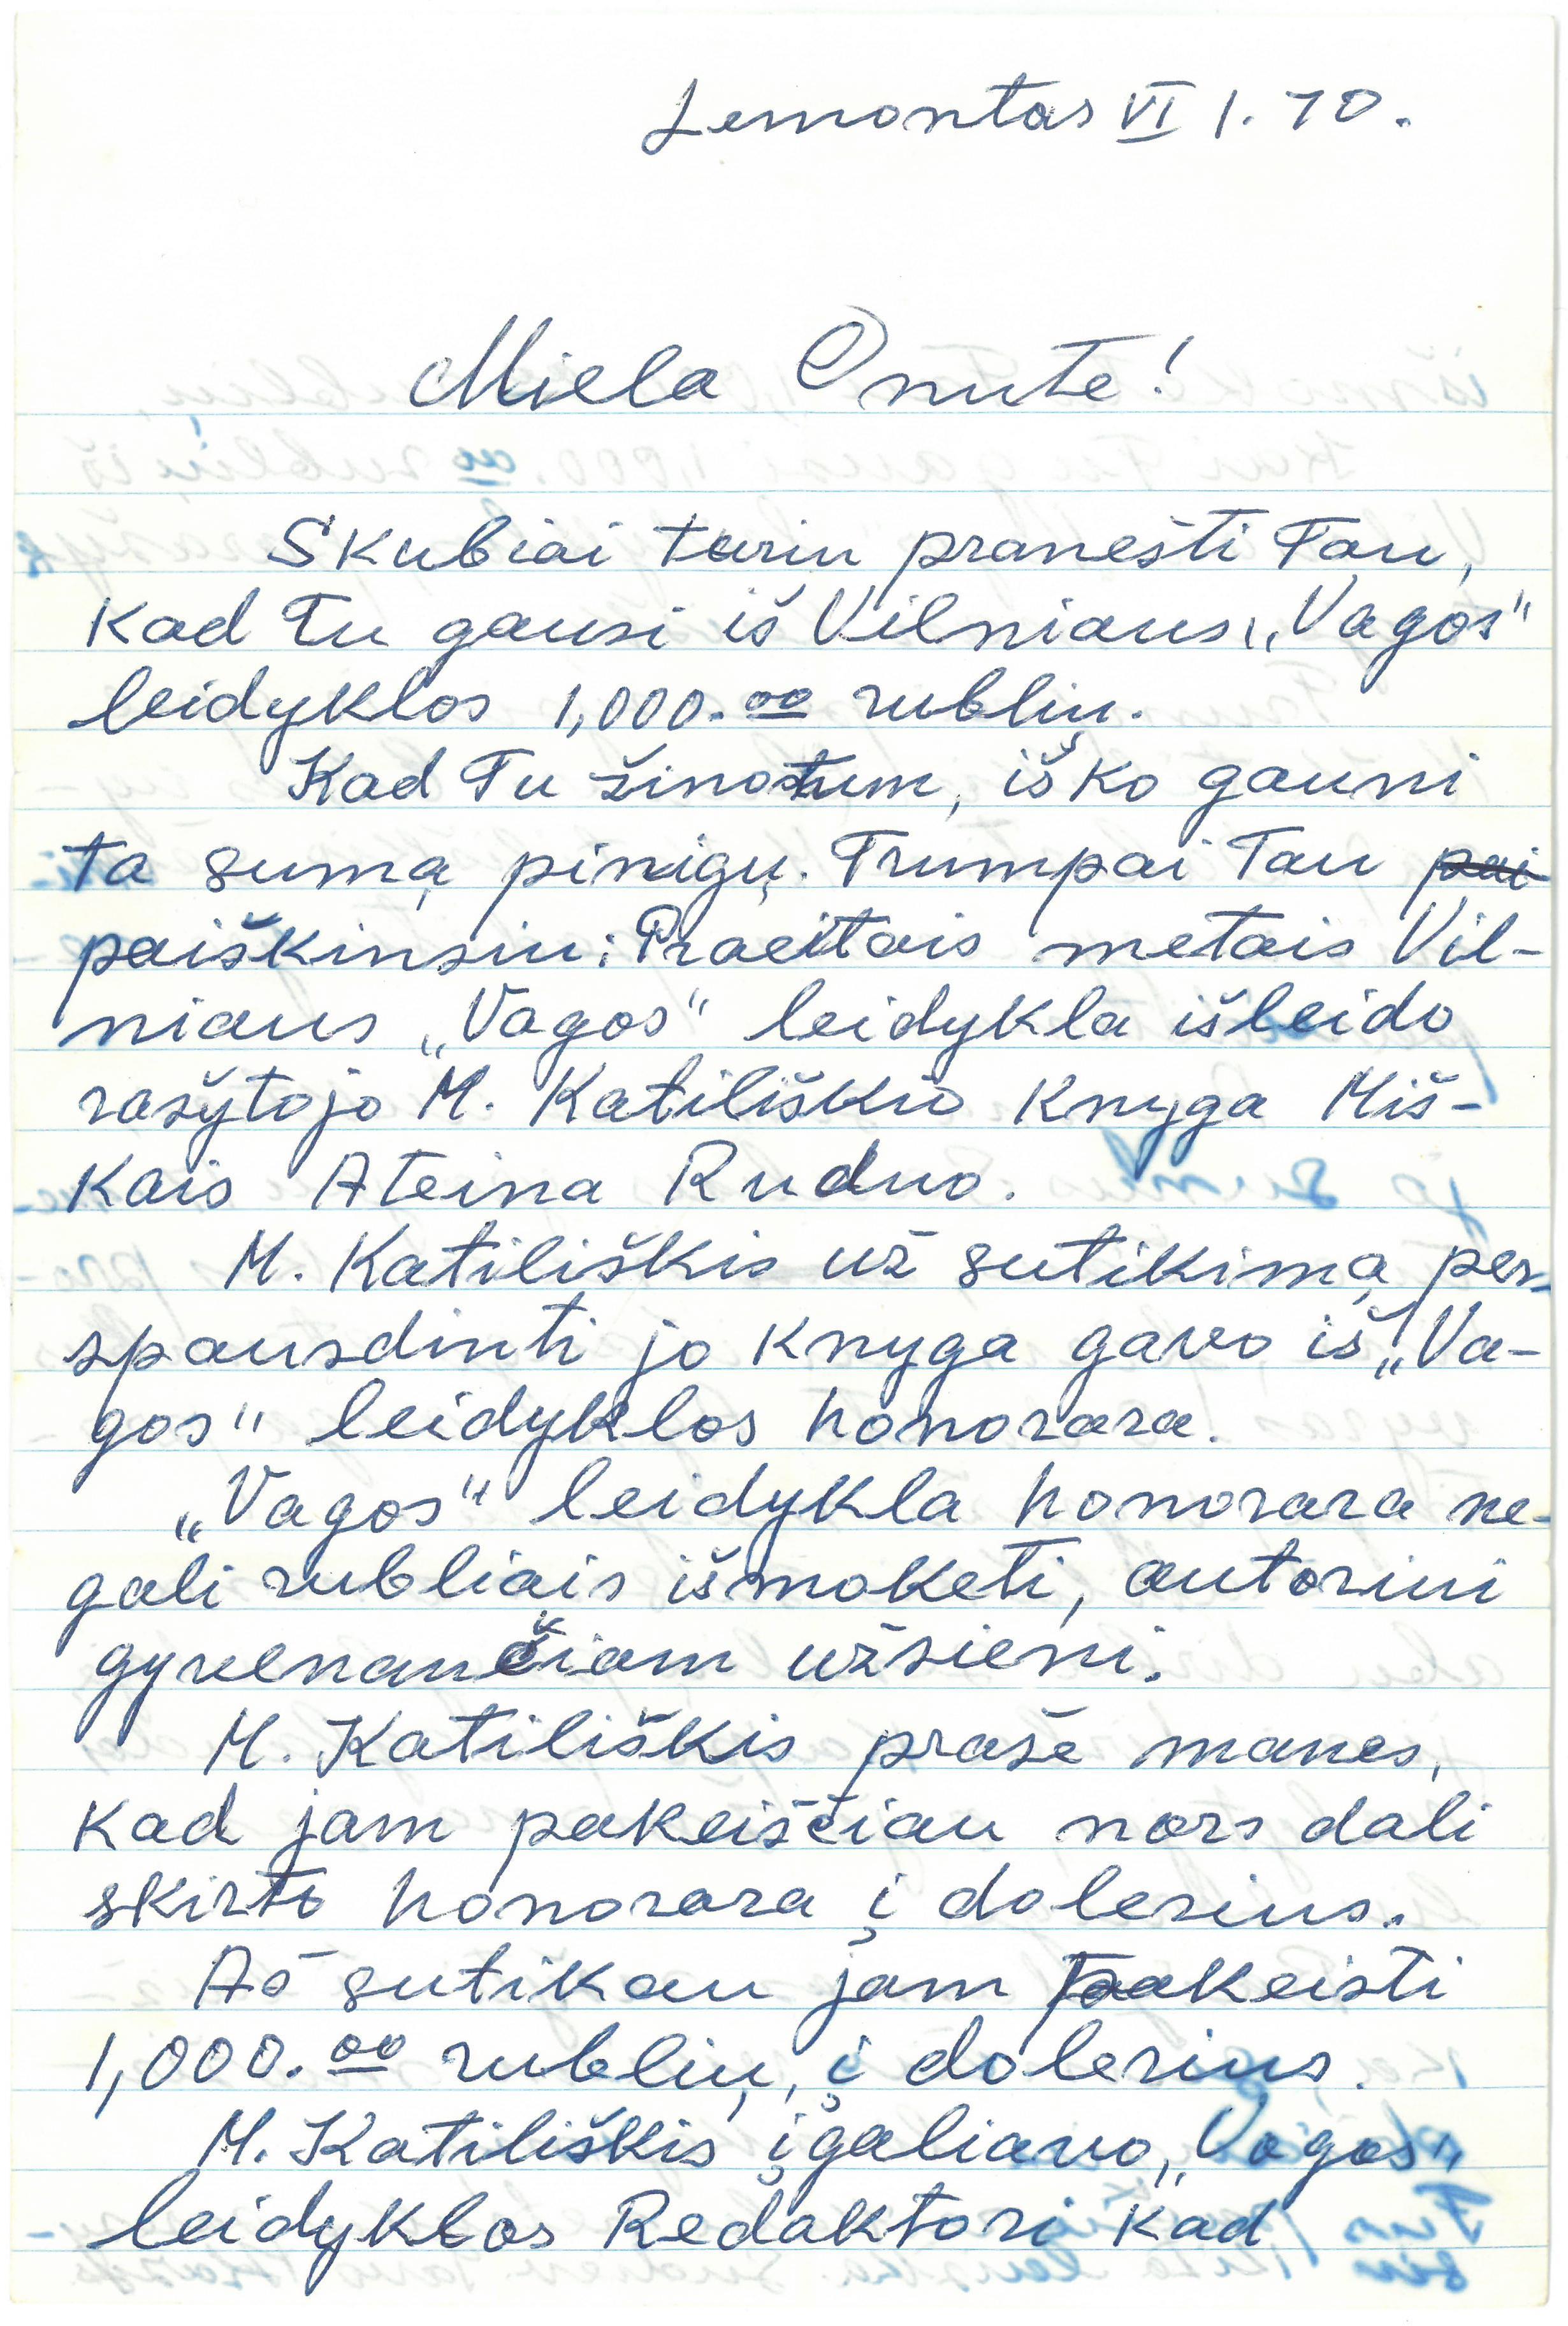 Kazio Balčiūno laiškas žmonai Onai Balčiūnienei. 1970 m. birželio 1 d.